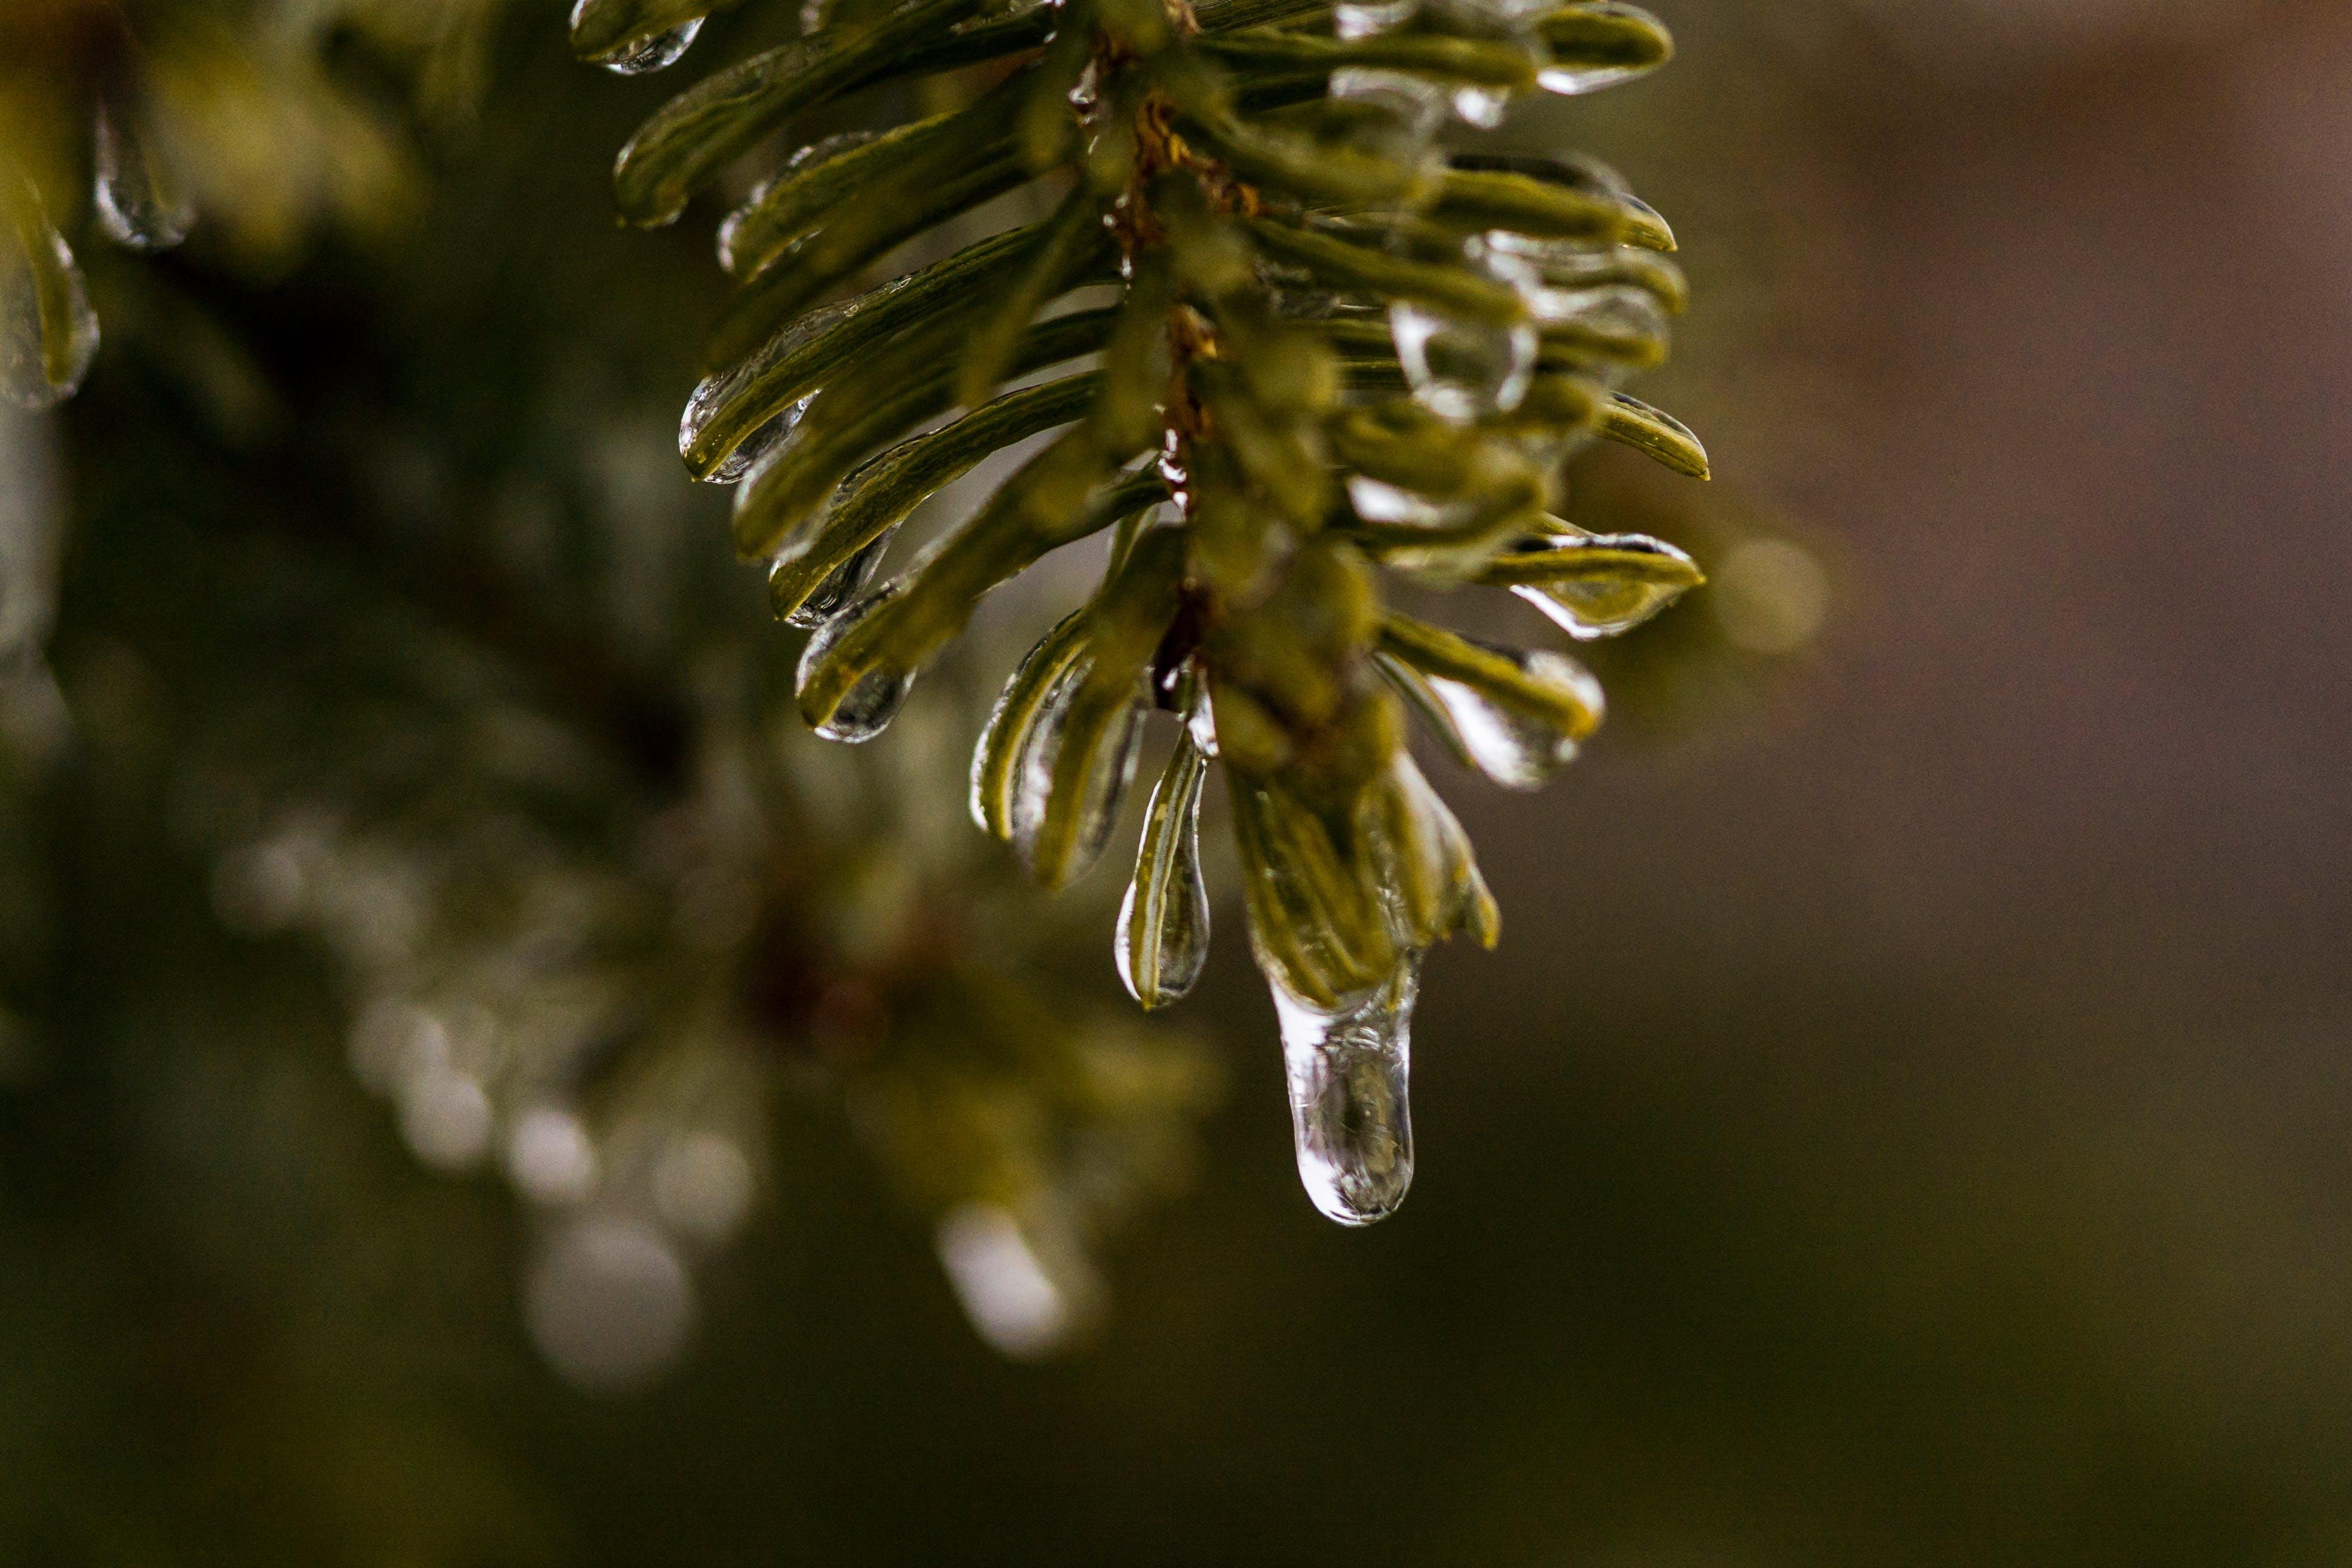 녹색, 똑똑 떨어지는, 매크로, 소나무의 무료 스톡 사진